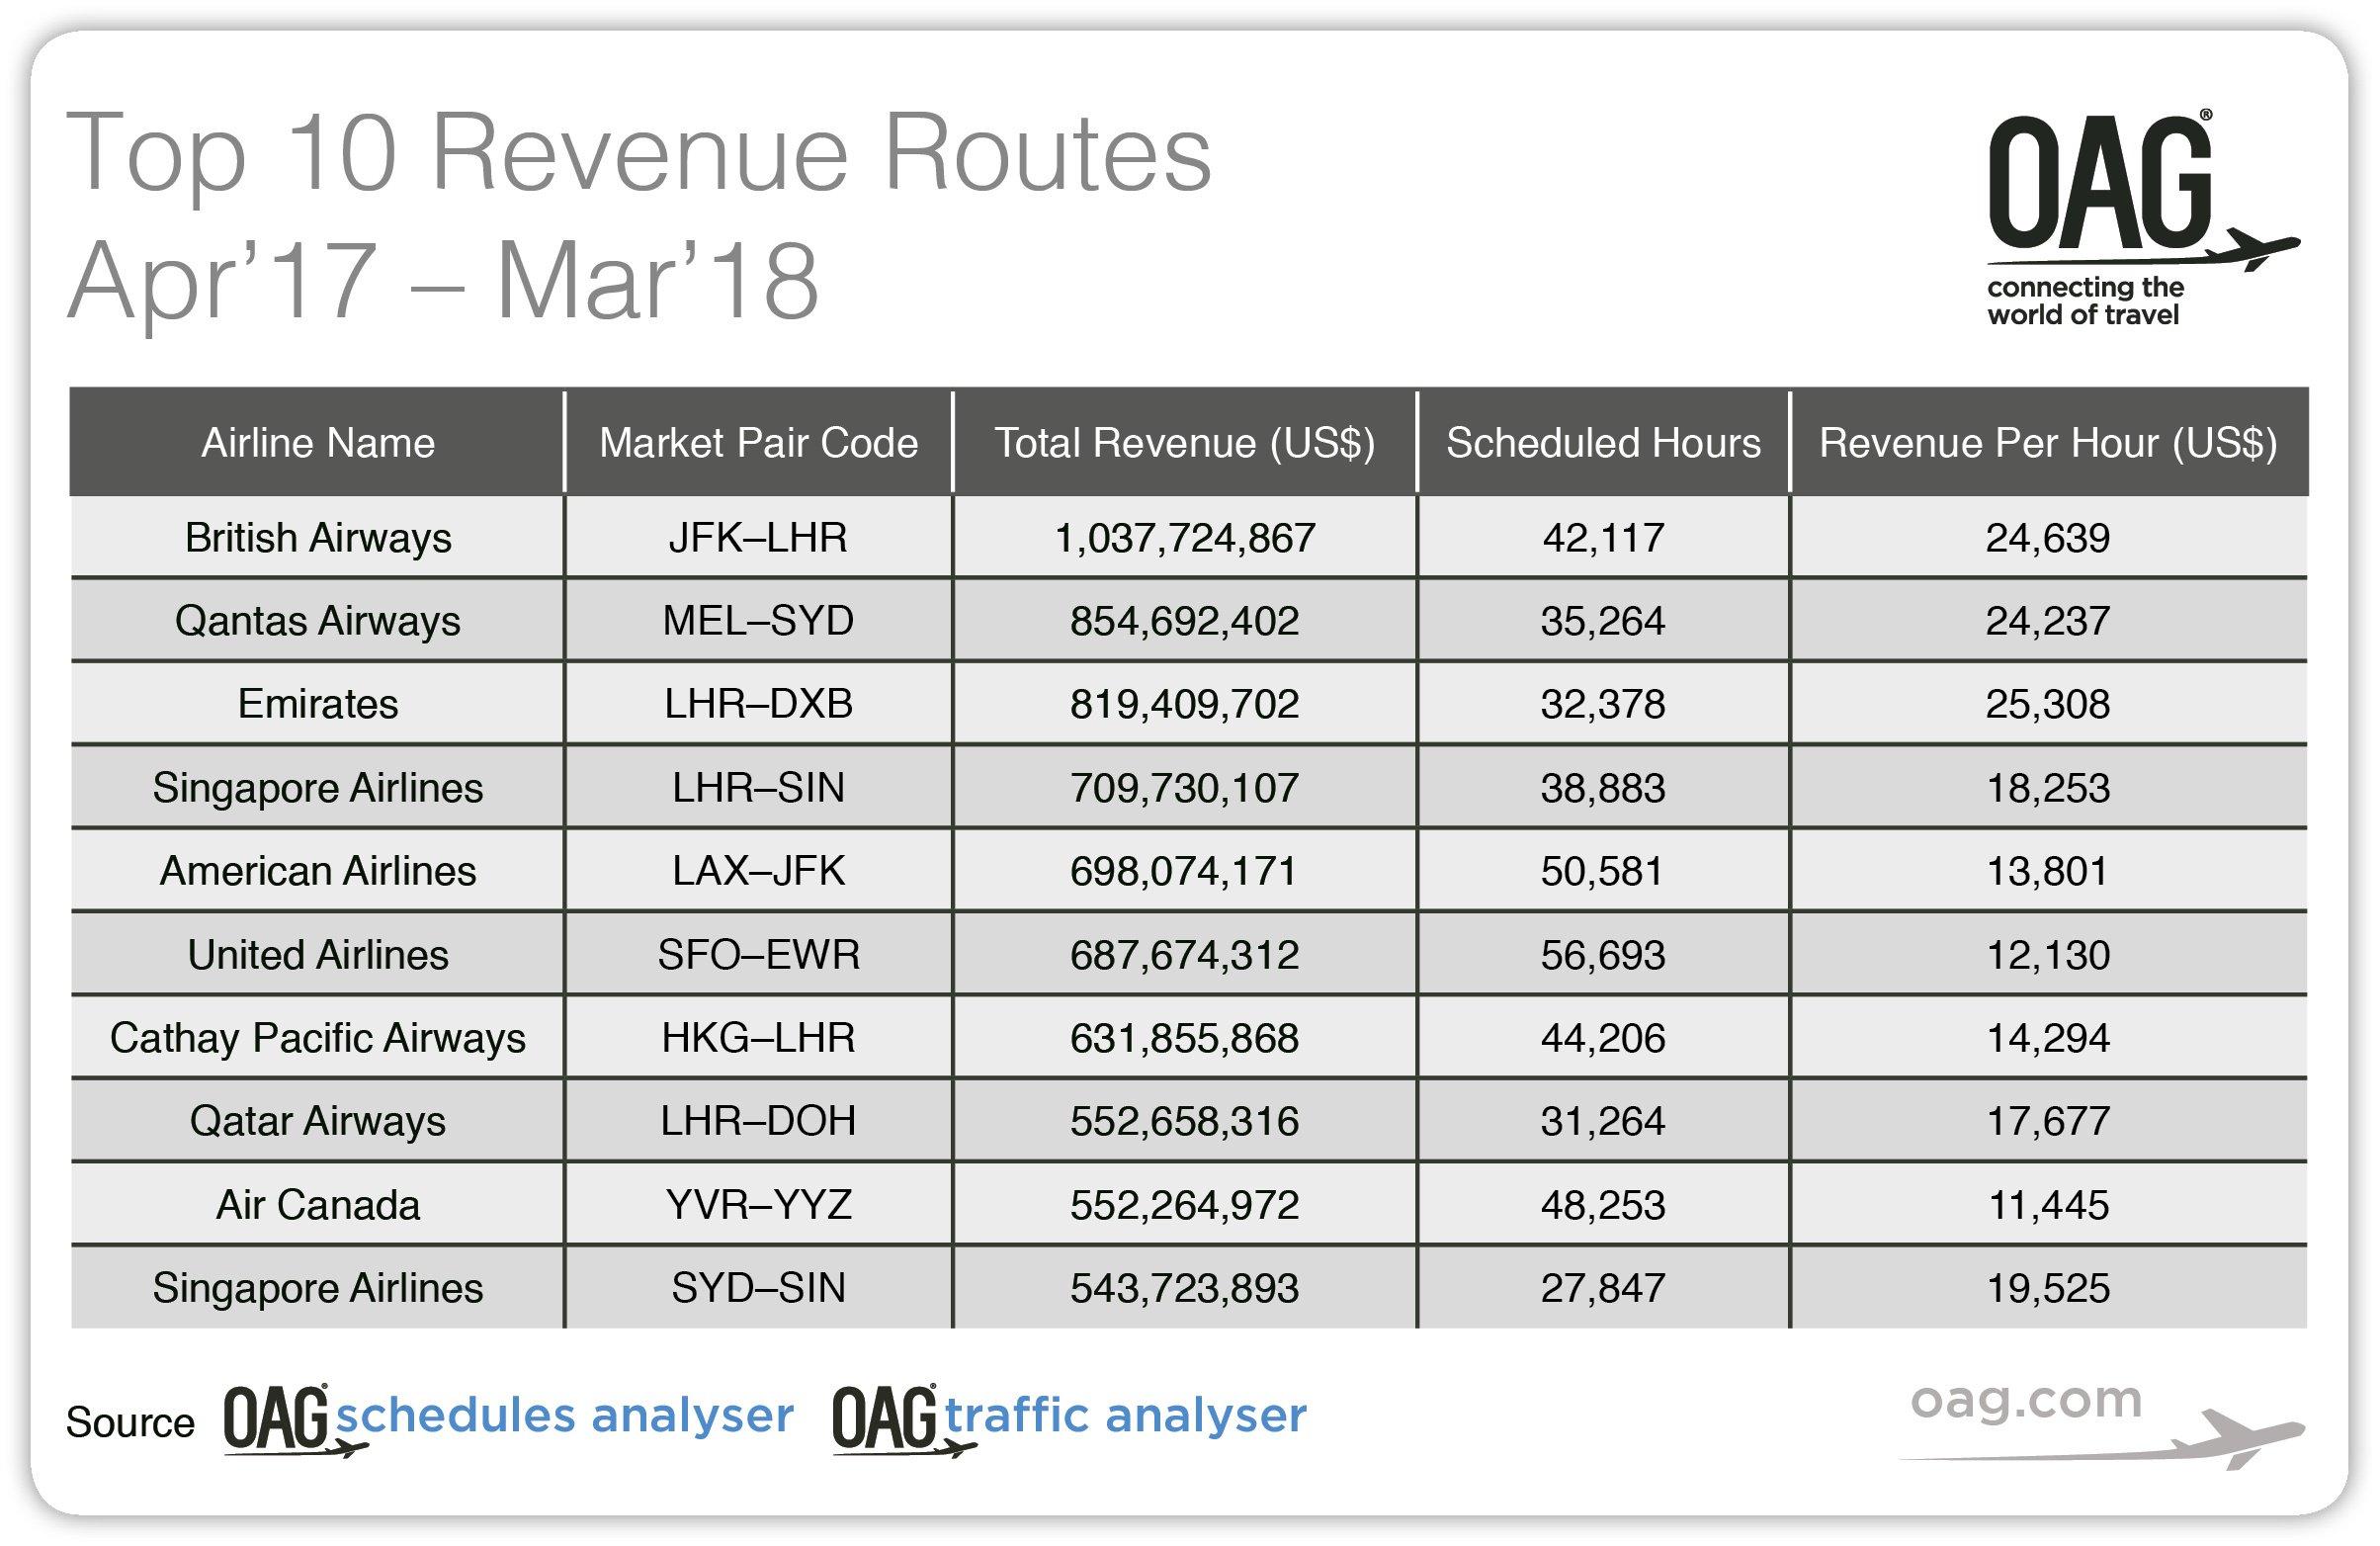 https://www.headforpoints.com/wp-content/uploads/2018/07/Top-10-revenue-routes.jpg